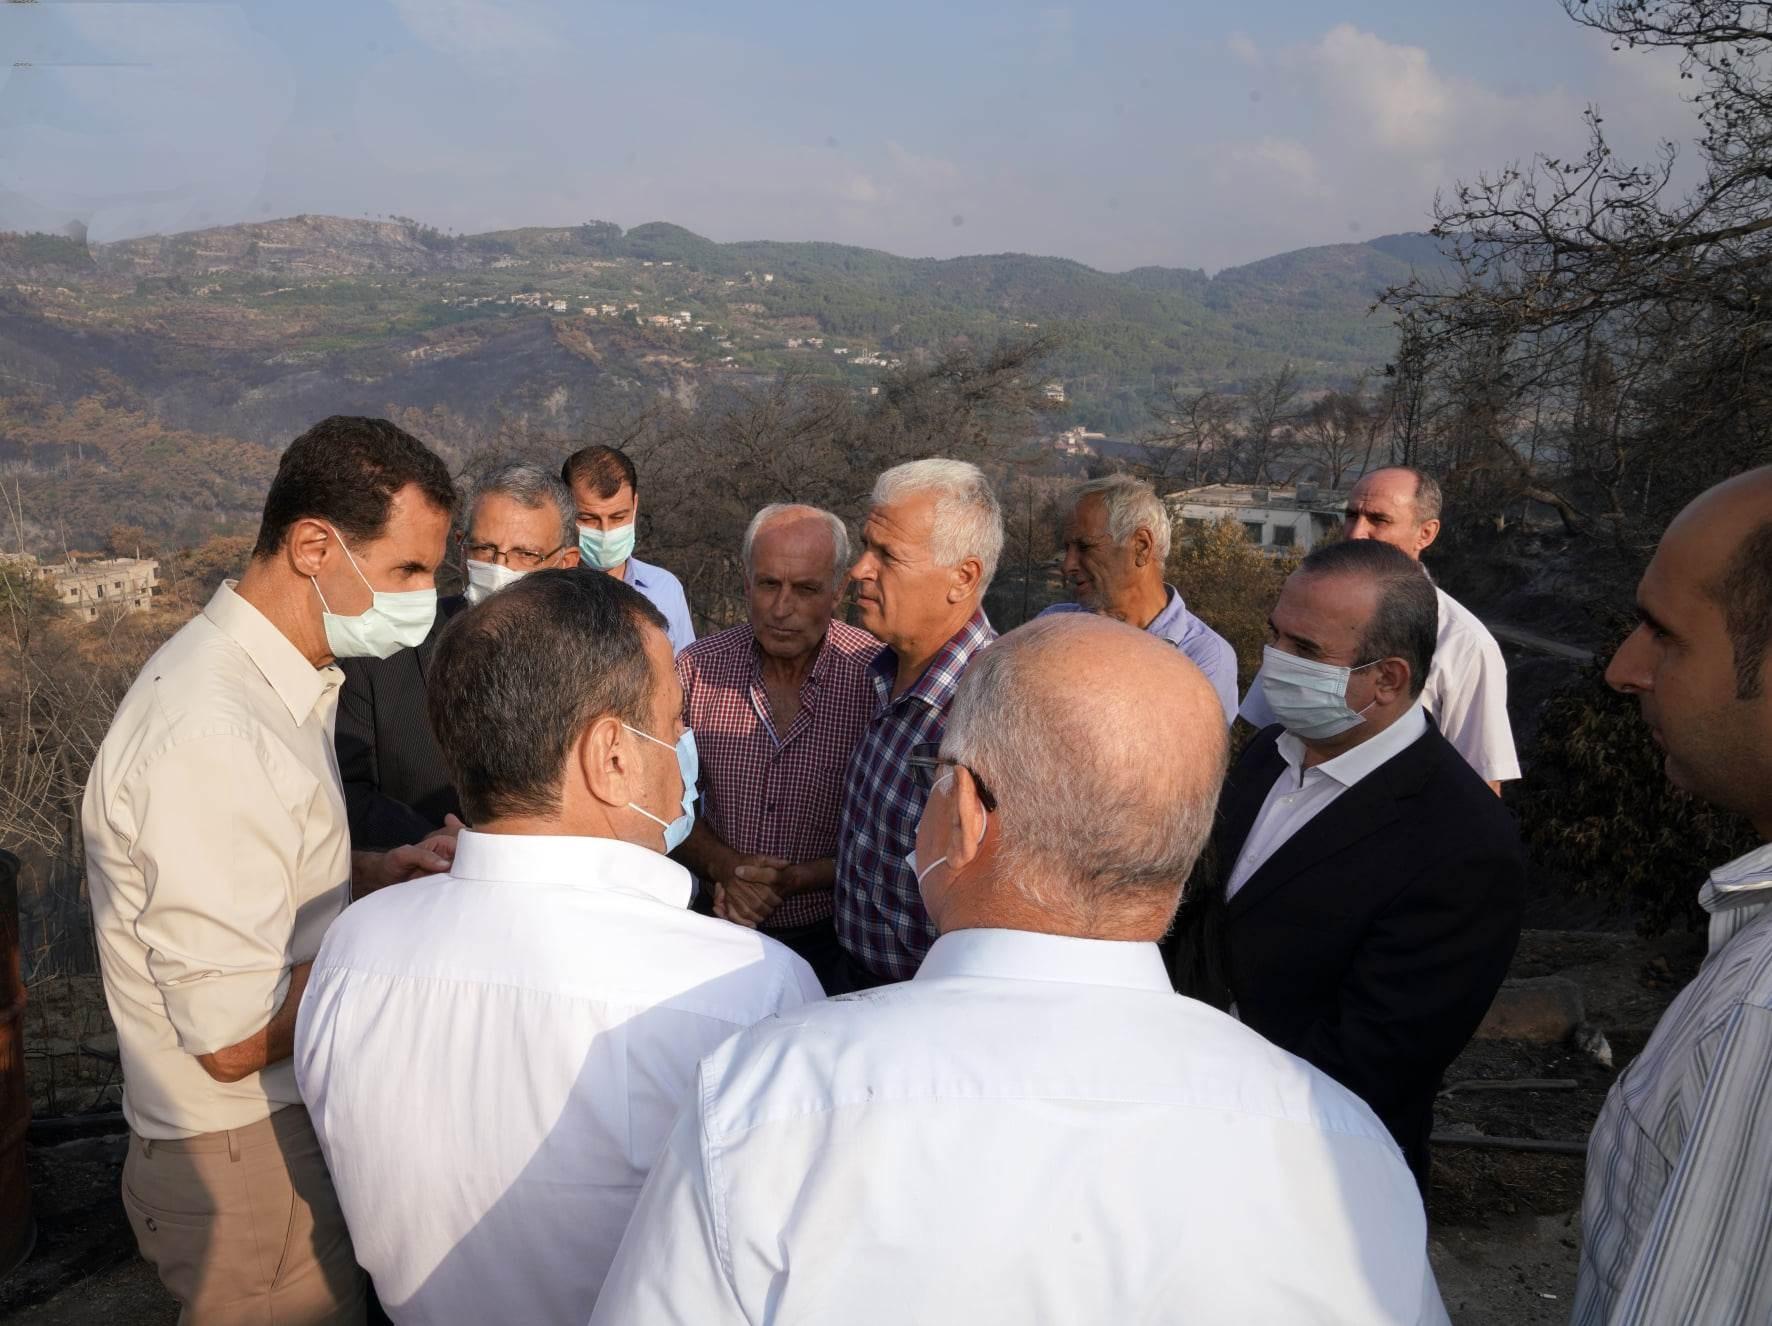 الرئيس الأسد يتفقد أهالي قرية بلوران للاطلاع على متطلباتهم